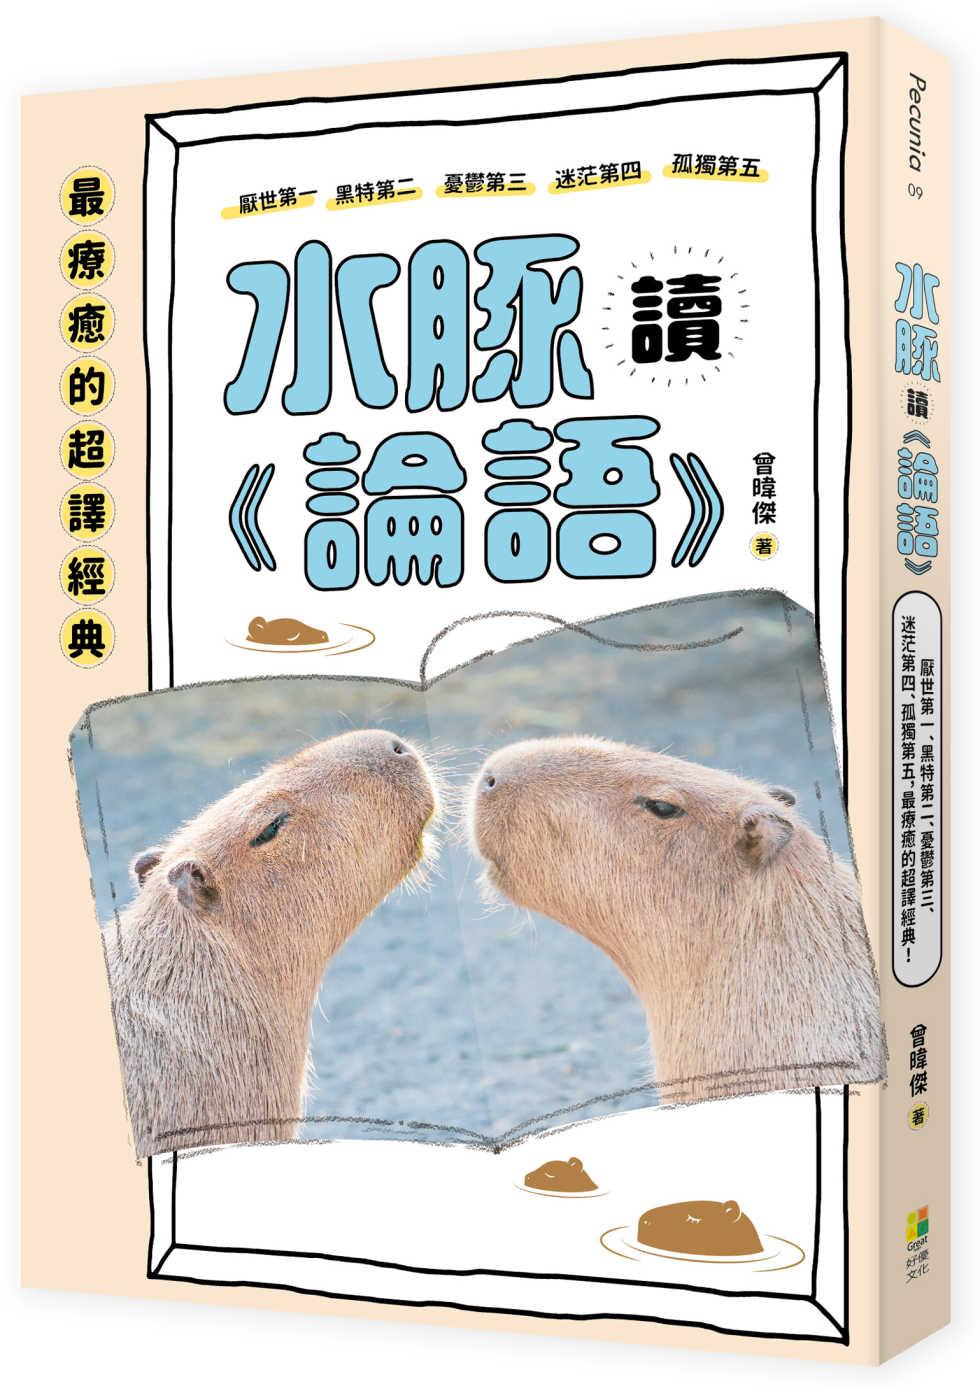 水豚讀《論語》